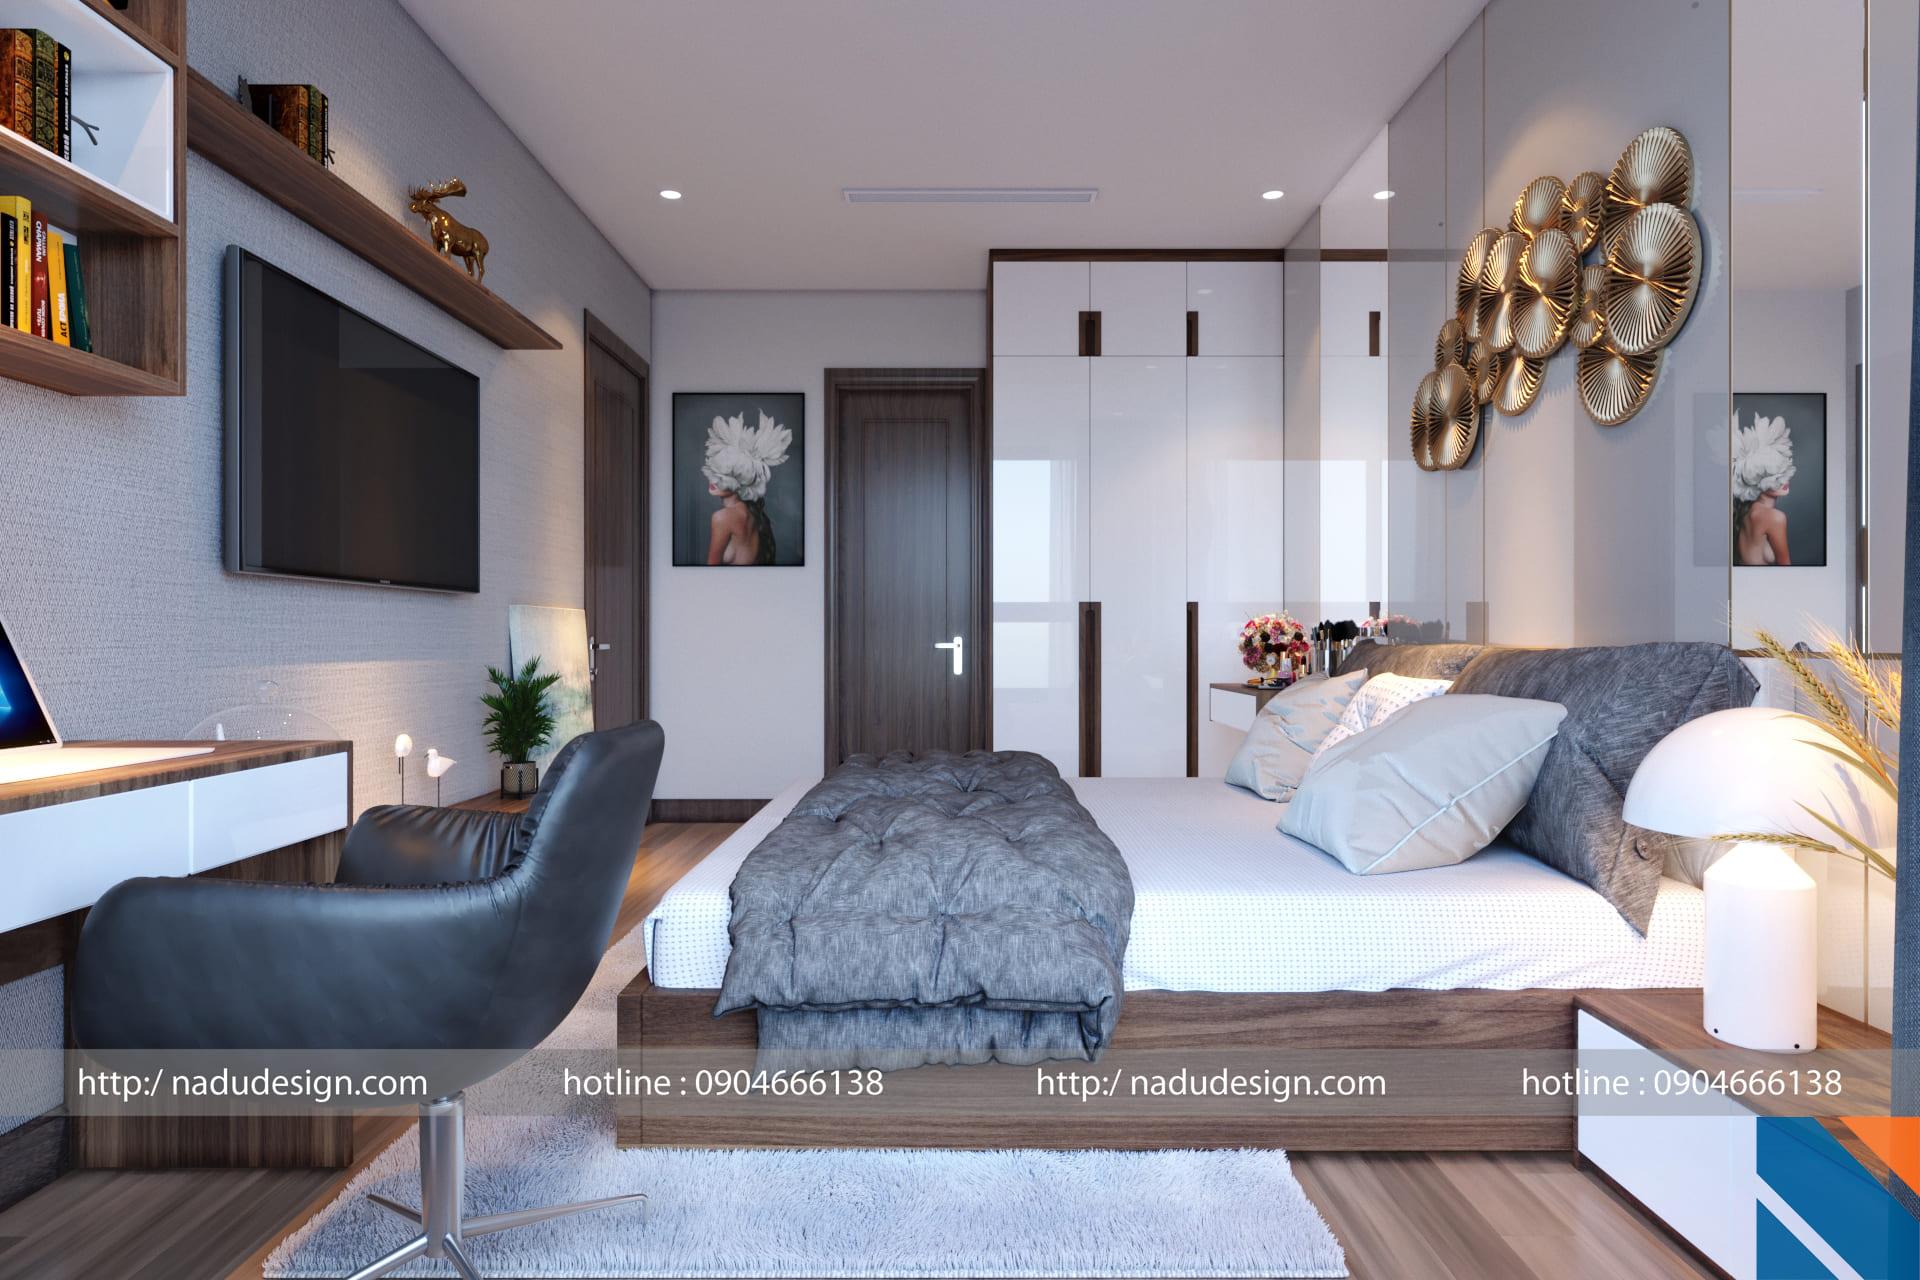 Mẫu thiết kế nội thất phòng ngủ 20m vuông đẹp